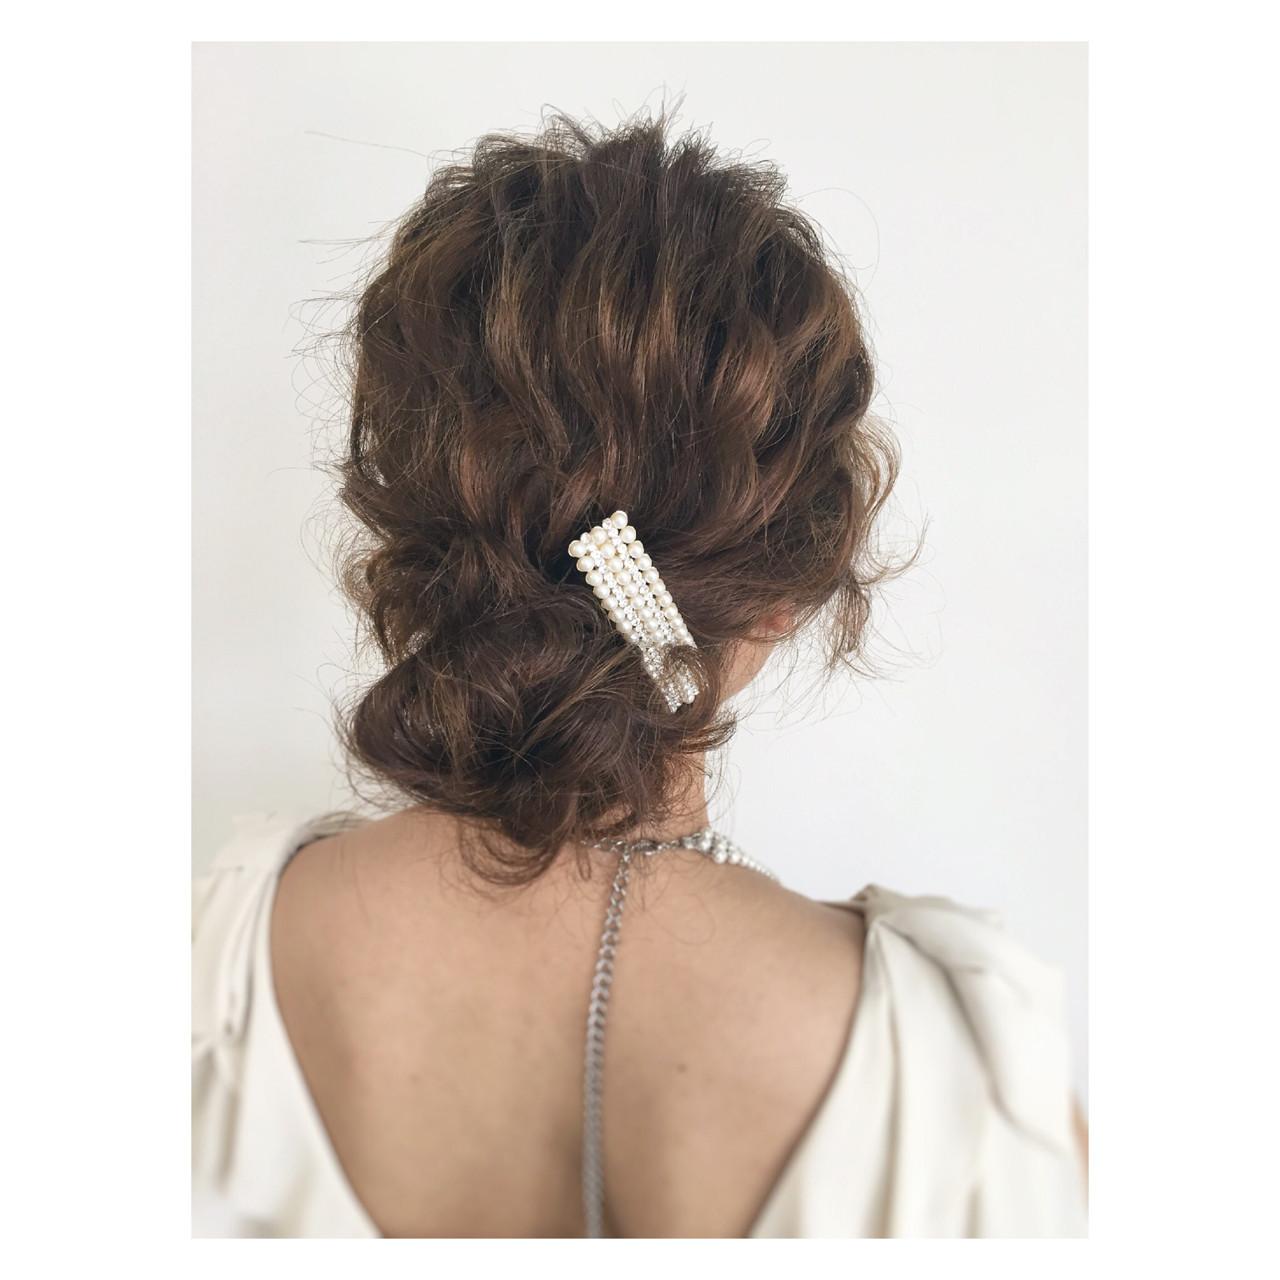 簡単ヘアアレンジ「シニヨン」のやり方特別レッスン♡基本技〜変化テクまで! 大里 健二  Hair Atelier Angee